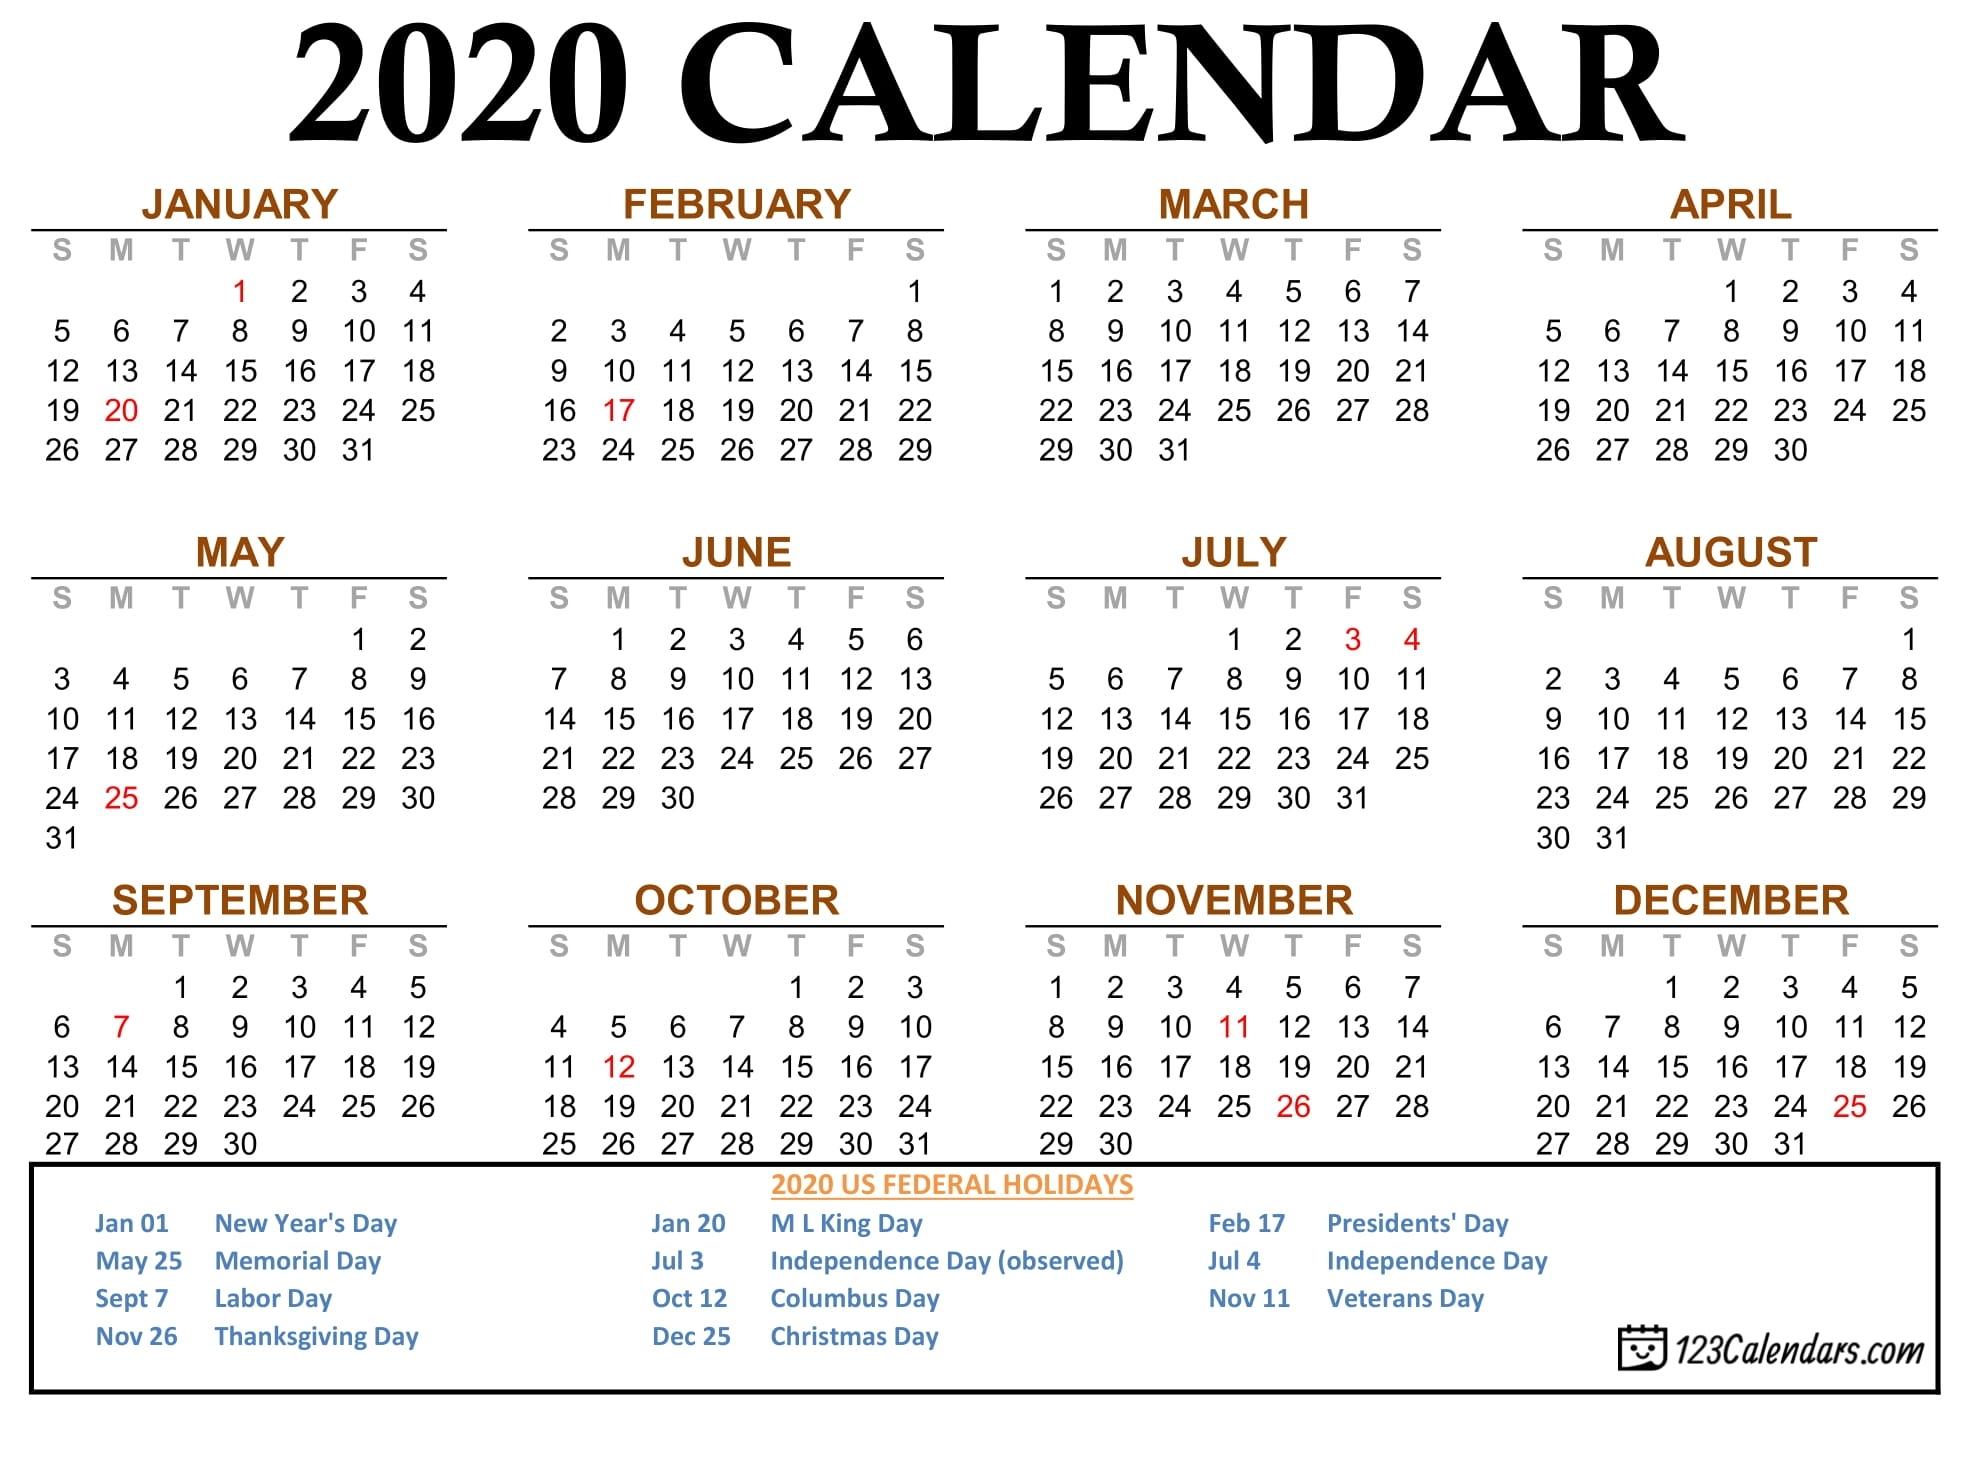 2020 Calendar Printable Legal Size | Example Calendar Printable